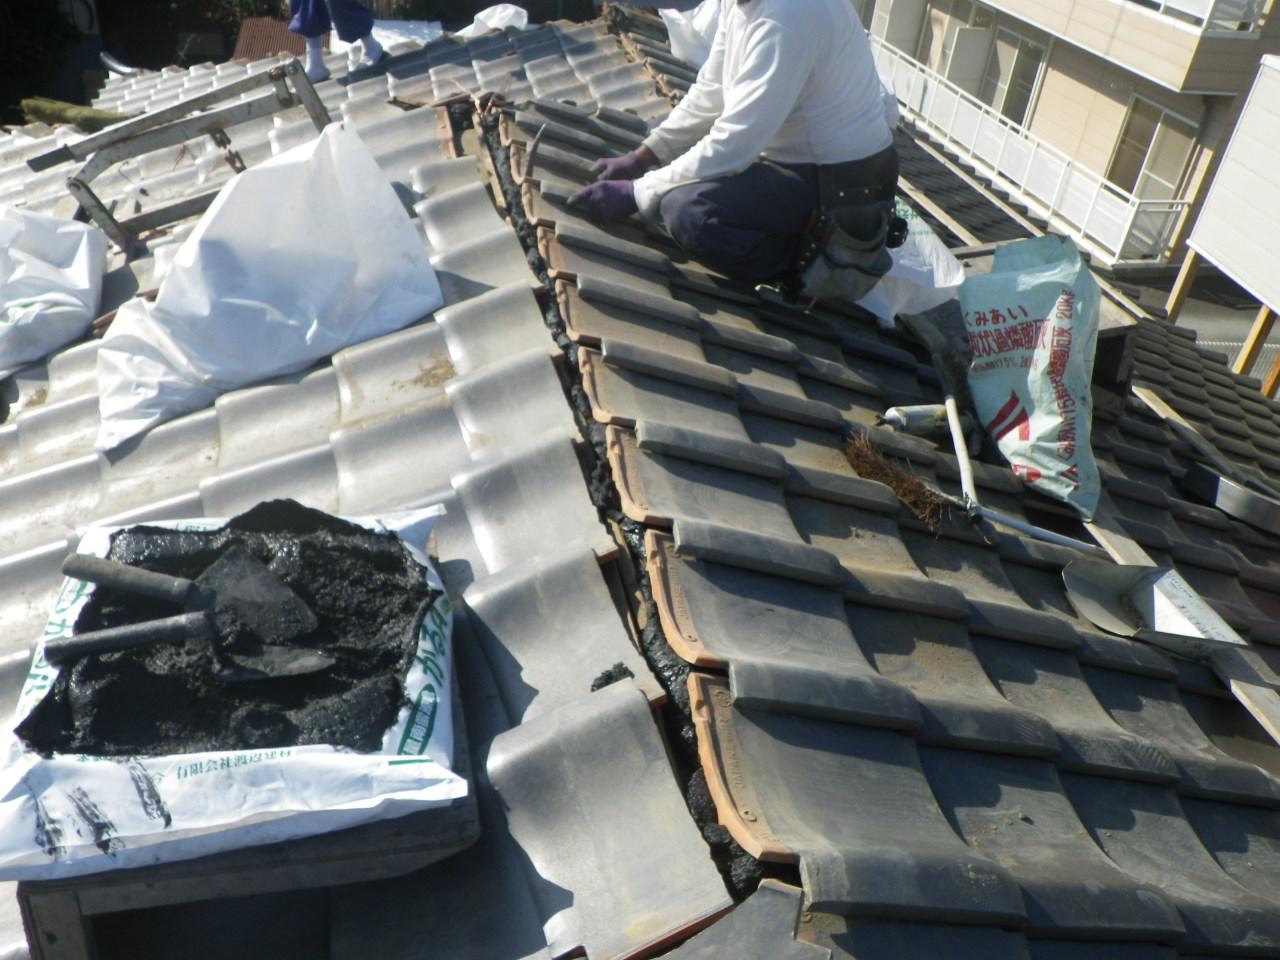 屋根雨漏れ修理の為に棟解体・再施工を行います。in芳賀町